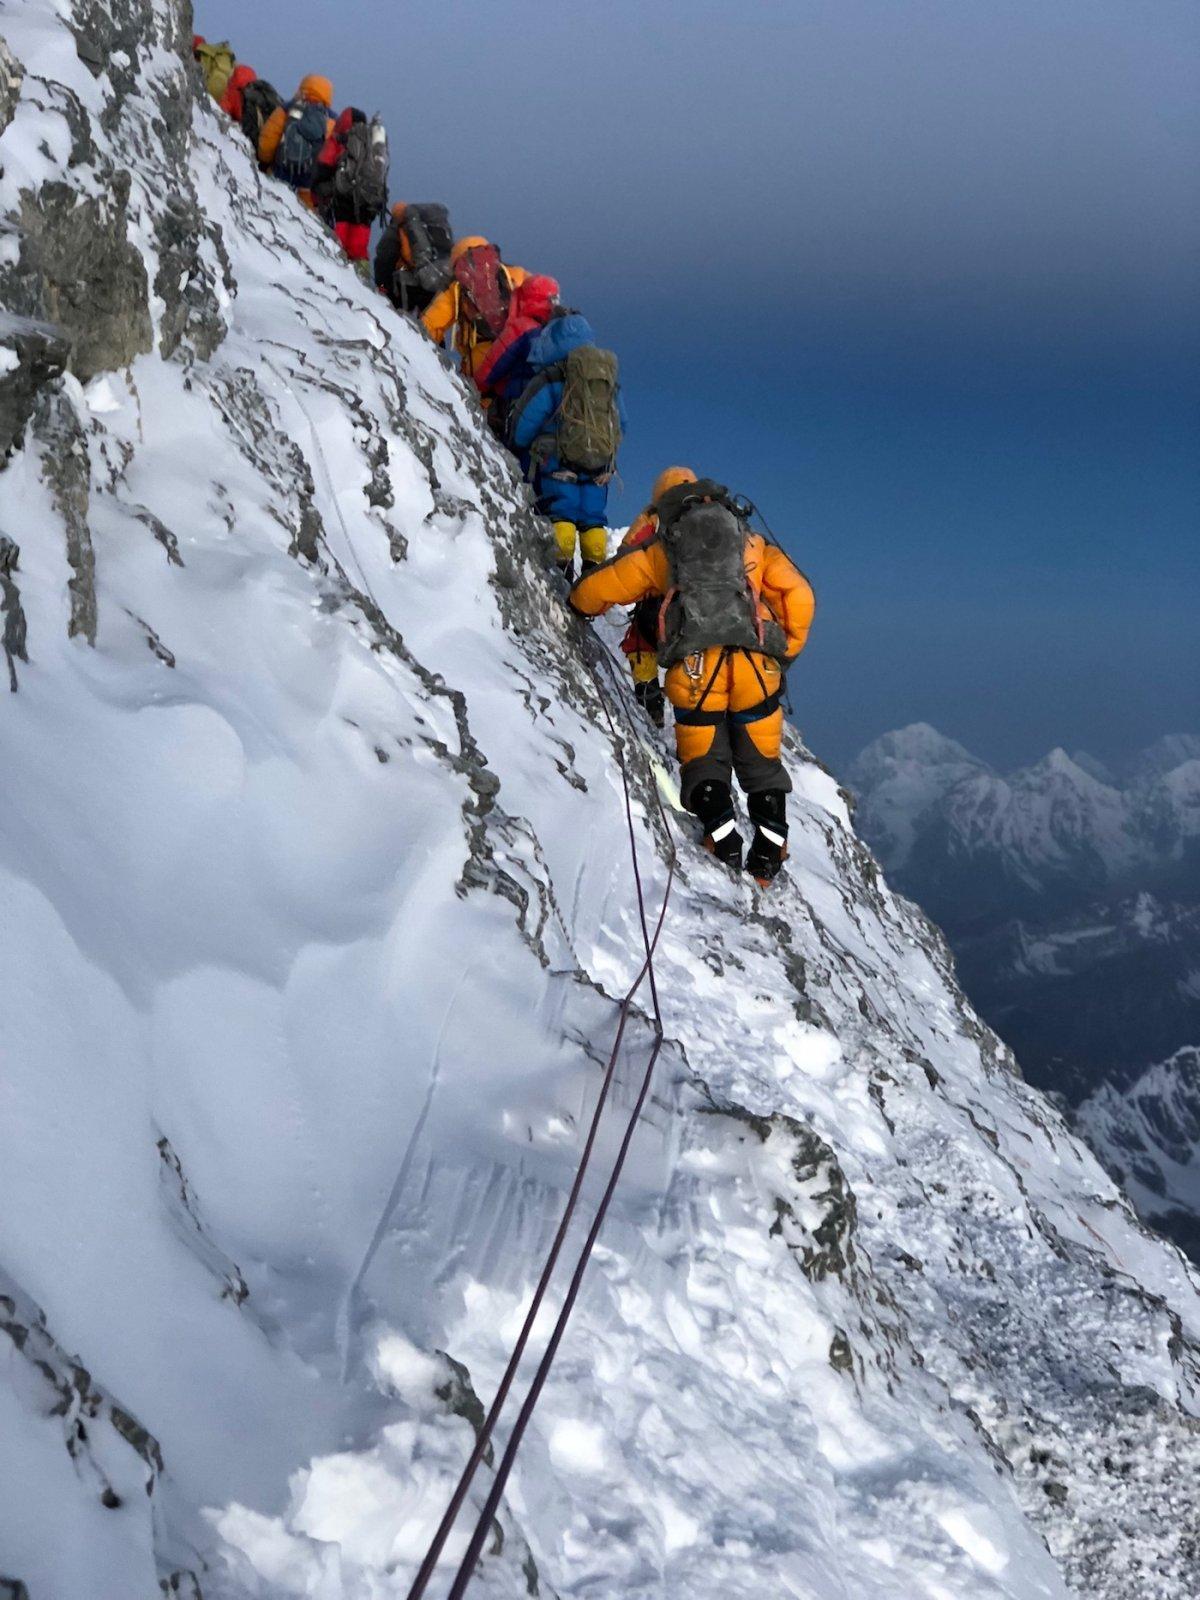 (Lhakpa Sherpa)